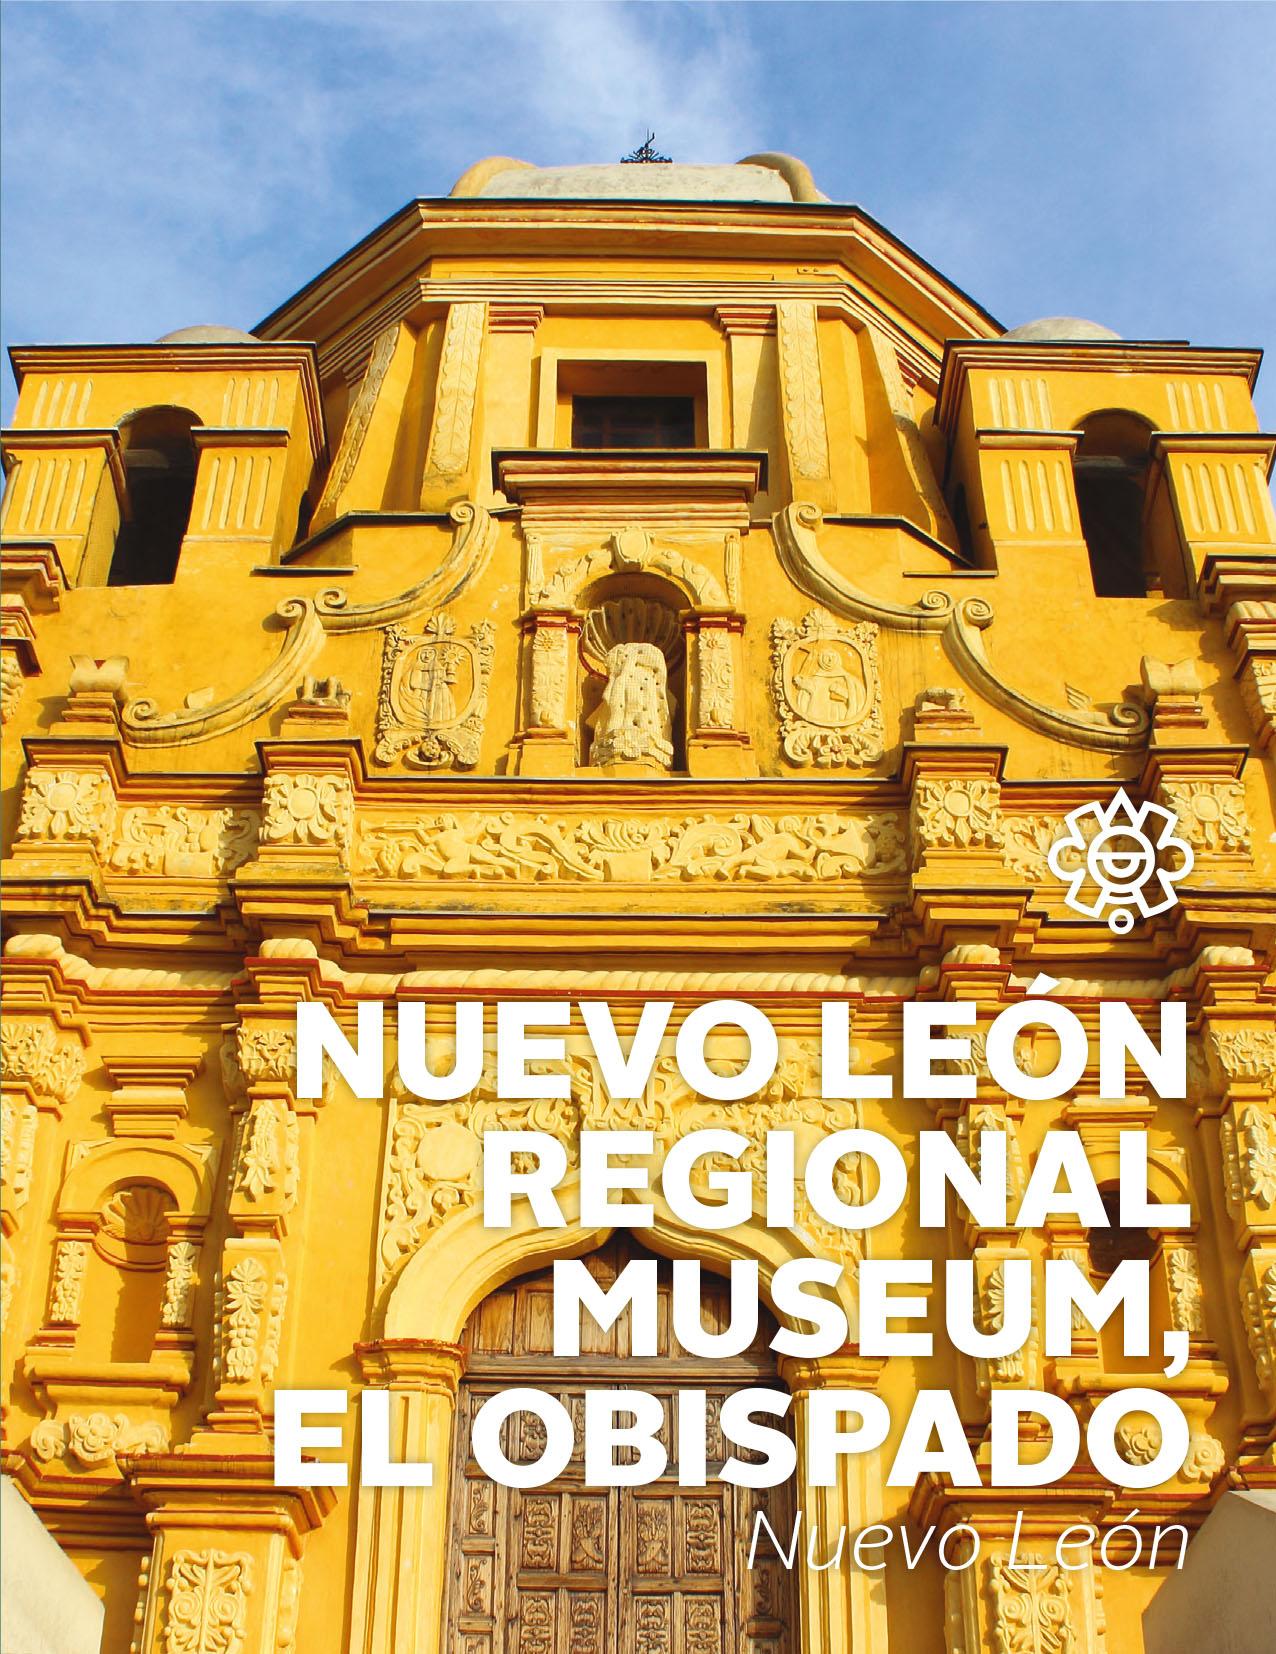 Nuevo León Regional Museum, El Obispado